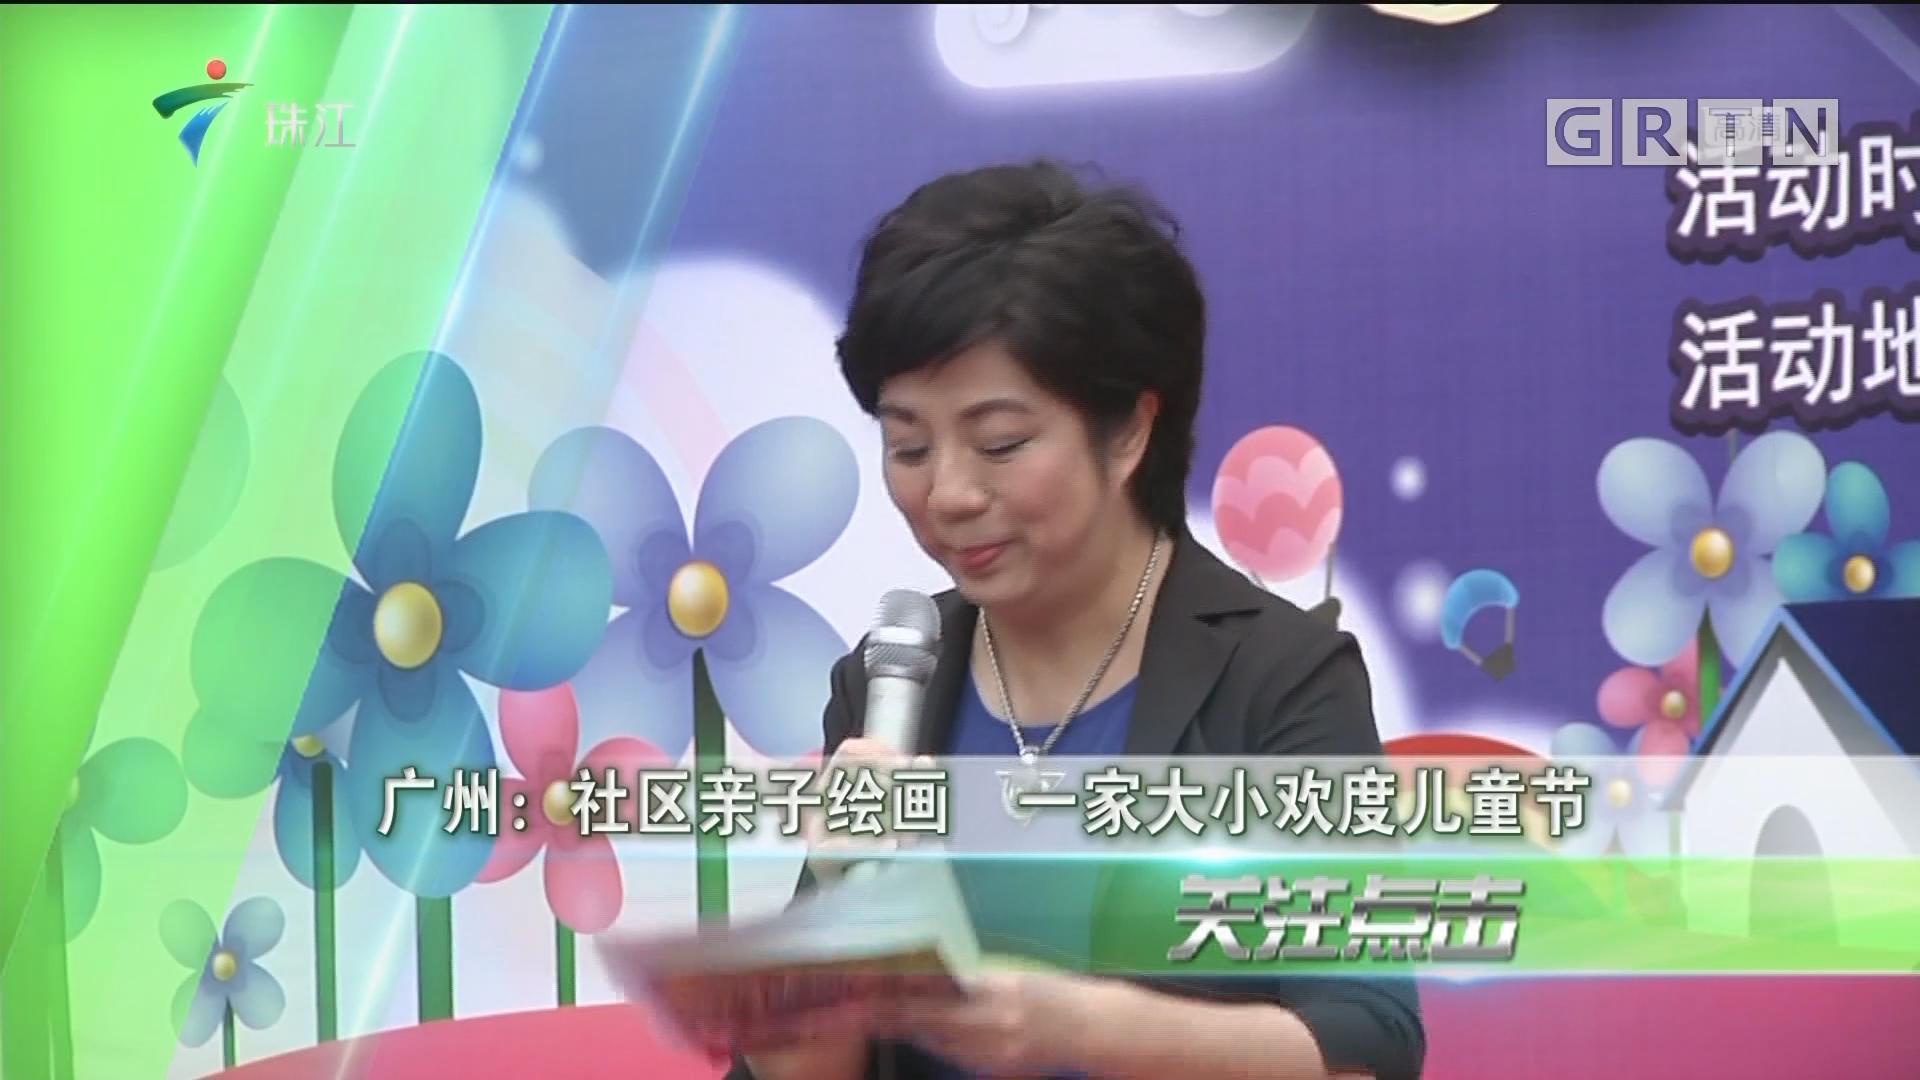 广州:社区亲子绘画 一家大小欢度儿童节